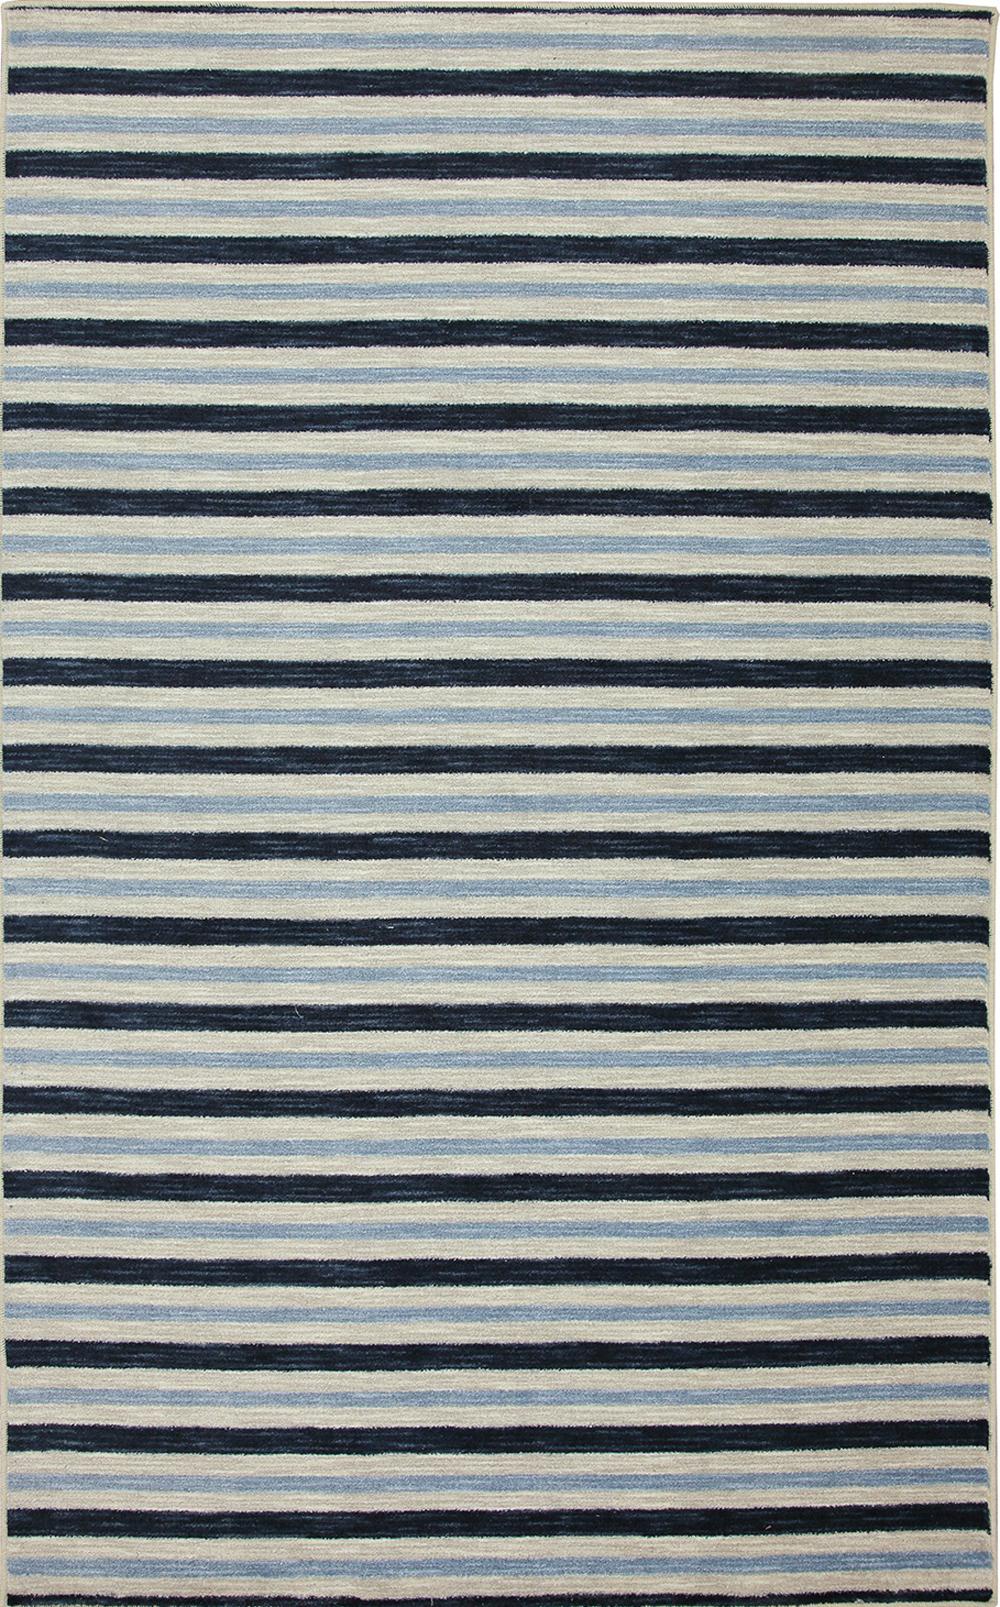 Karastan Aurora Monterey Stripe Blue Navy Rug